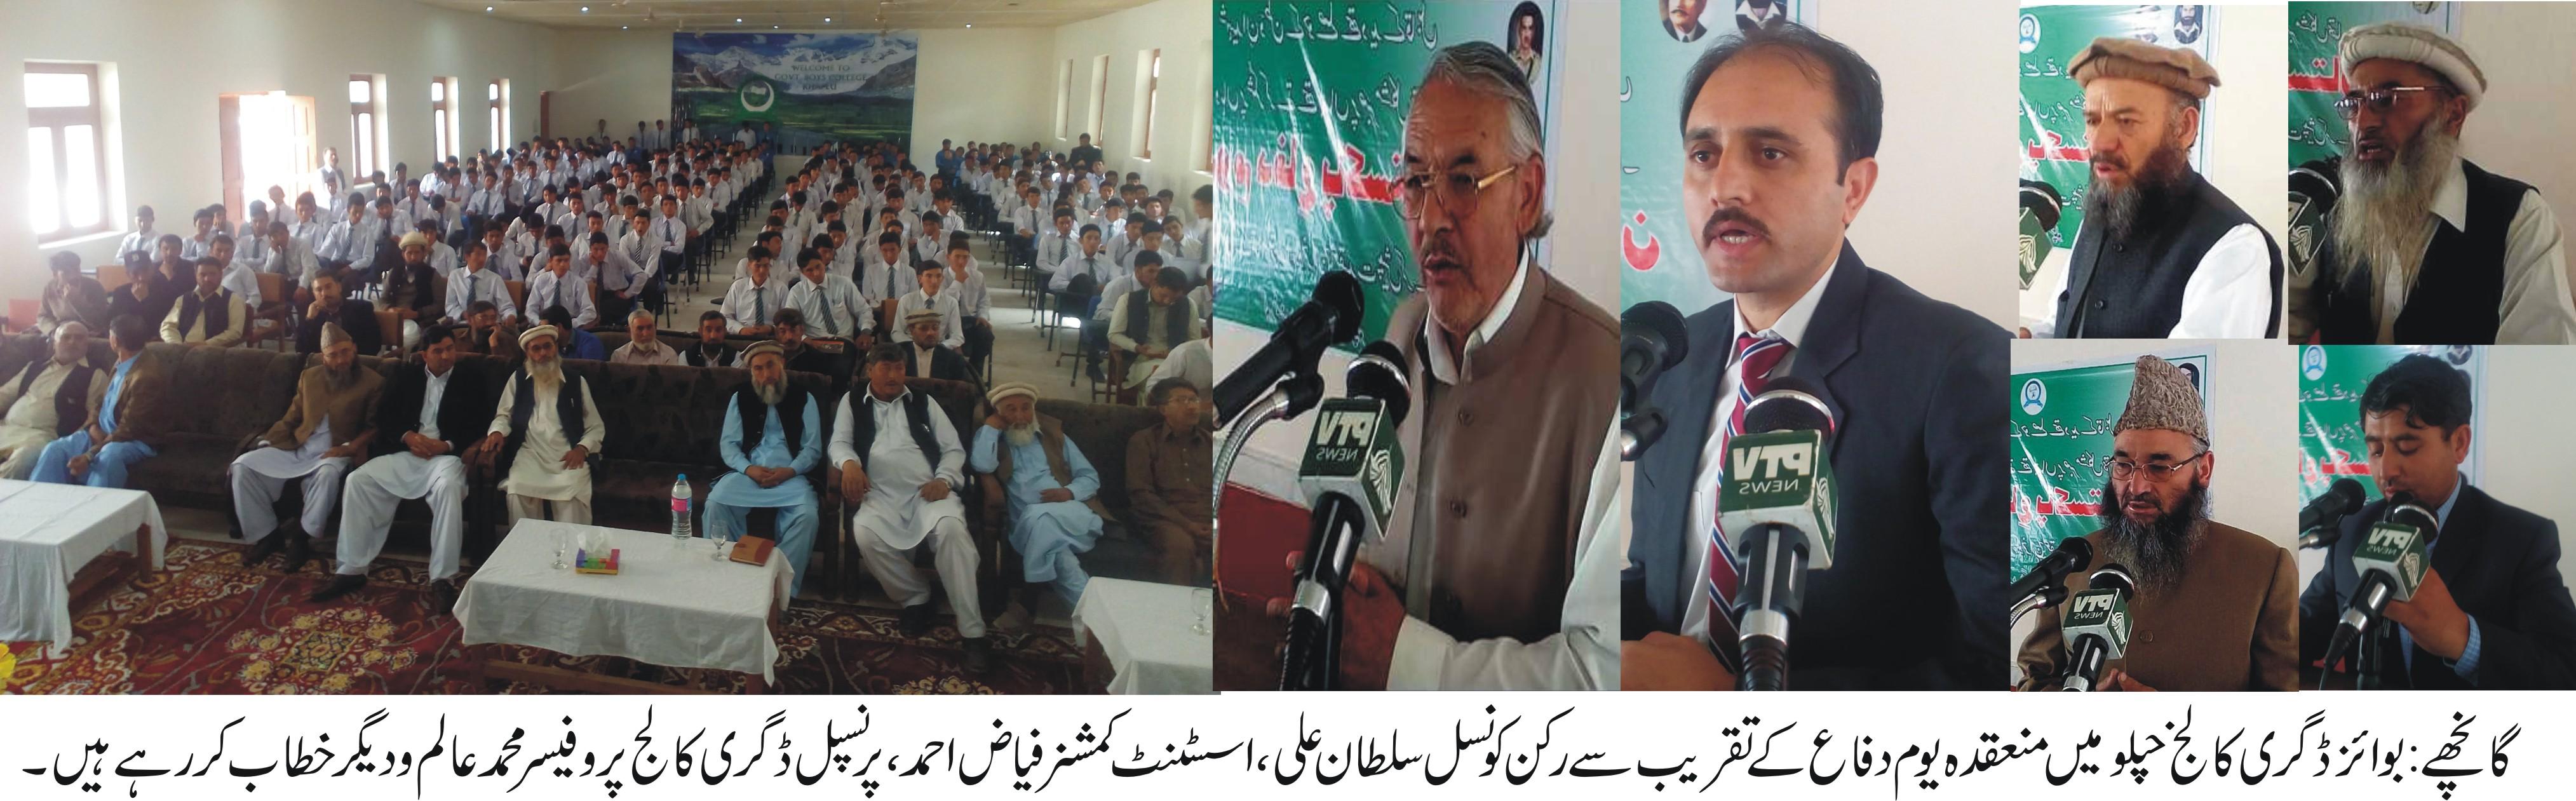 گانچھے: یوم دفاع پاکستان قومی جوش و جذبے کے ساتھ منایا گیا